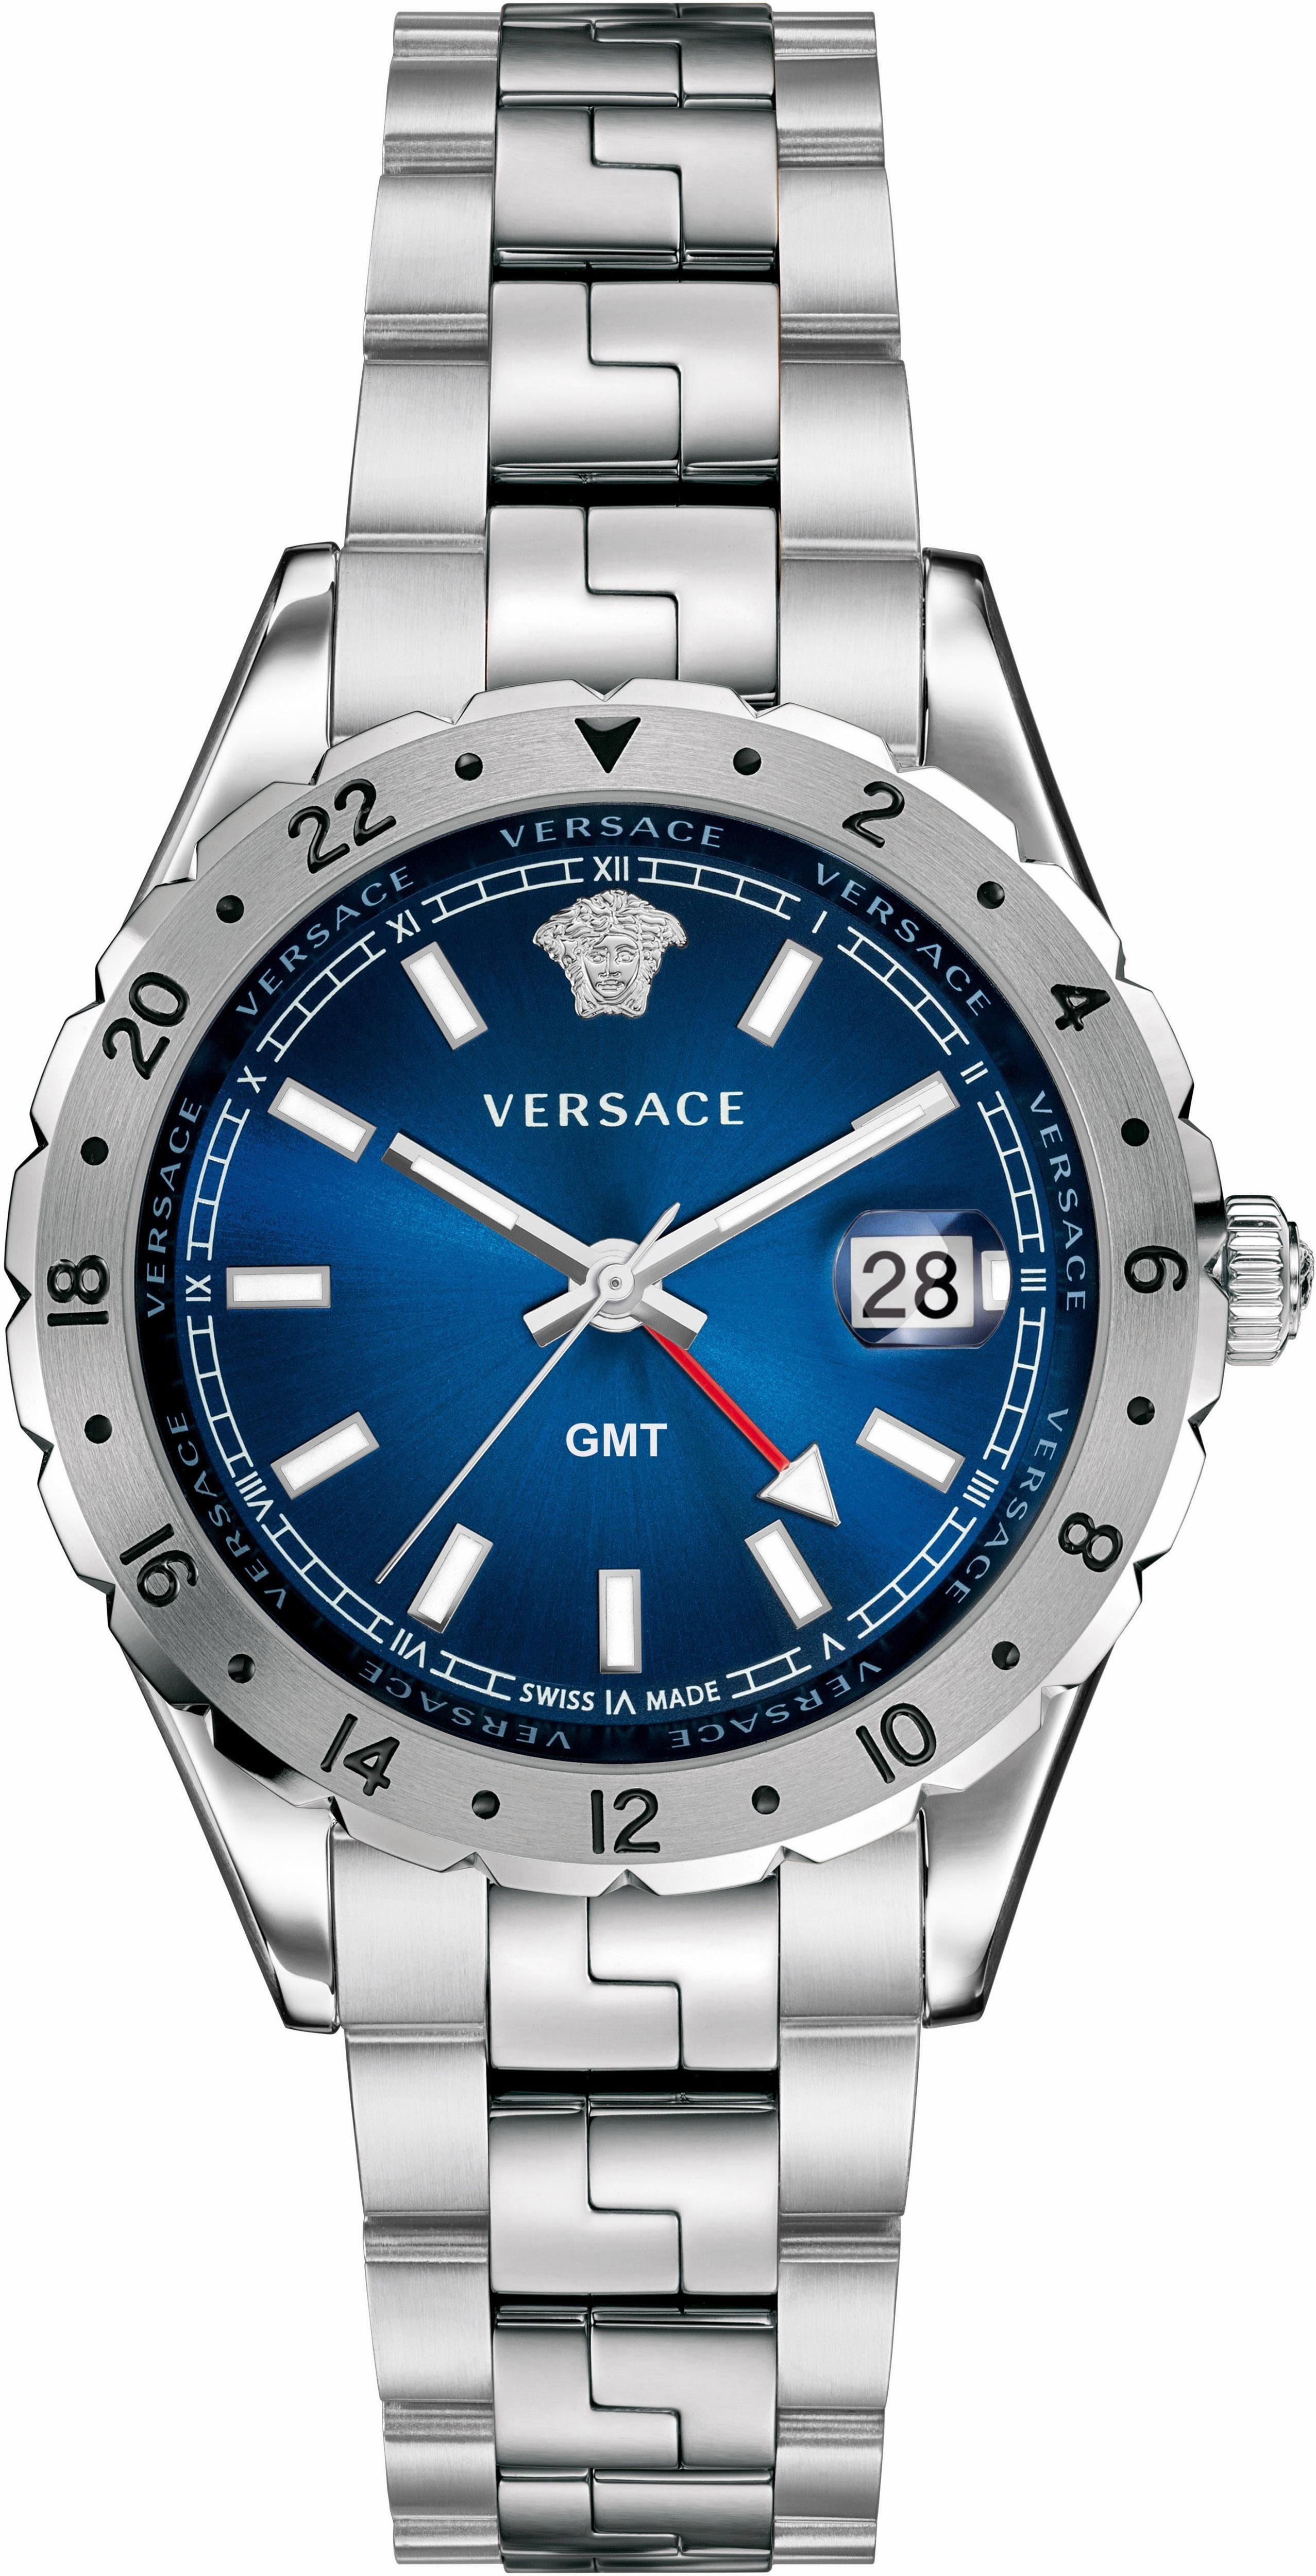 Versace Schweizer Uhr »HELLENYIUM GMT, V12020015«